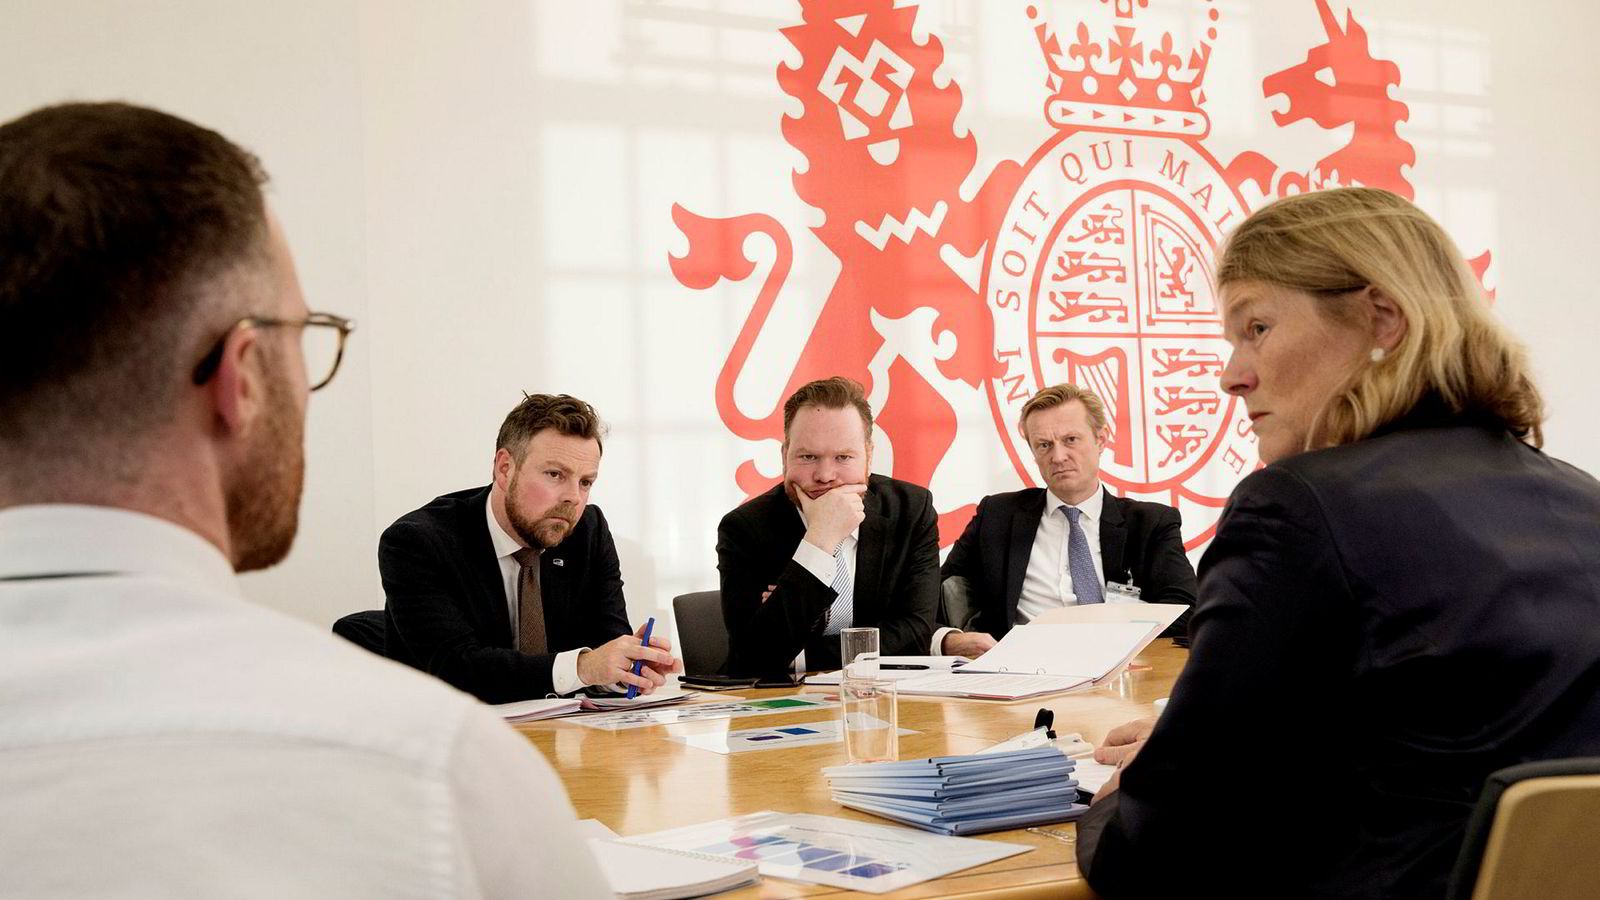 Innimellom Brexit-samtalene i London mandag, møtte næringsminister Torbjørn Røe Isaksen (til venstre) det britiske dagligvareombudet Christine Tacon (til høyre).